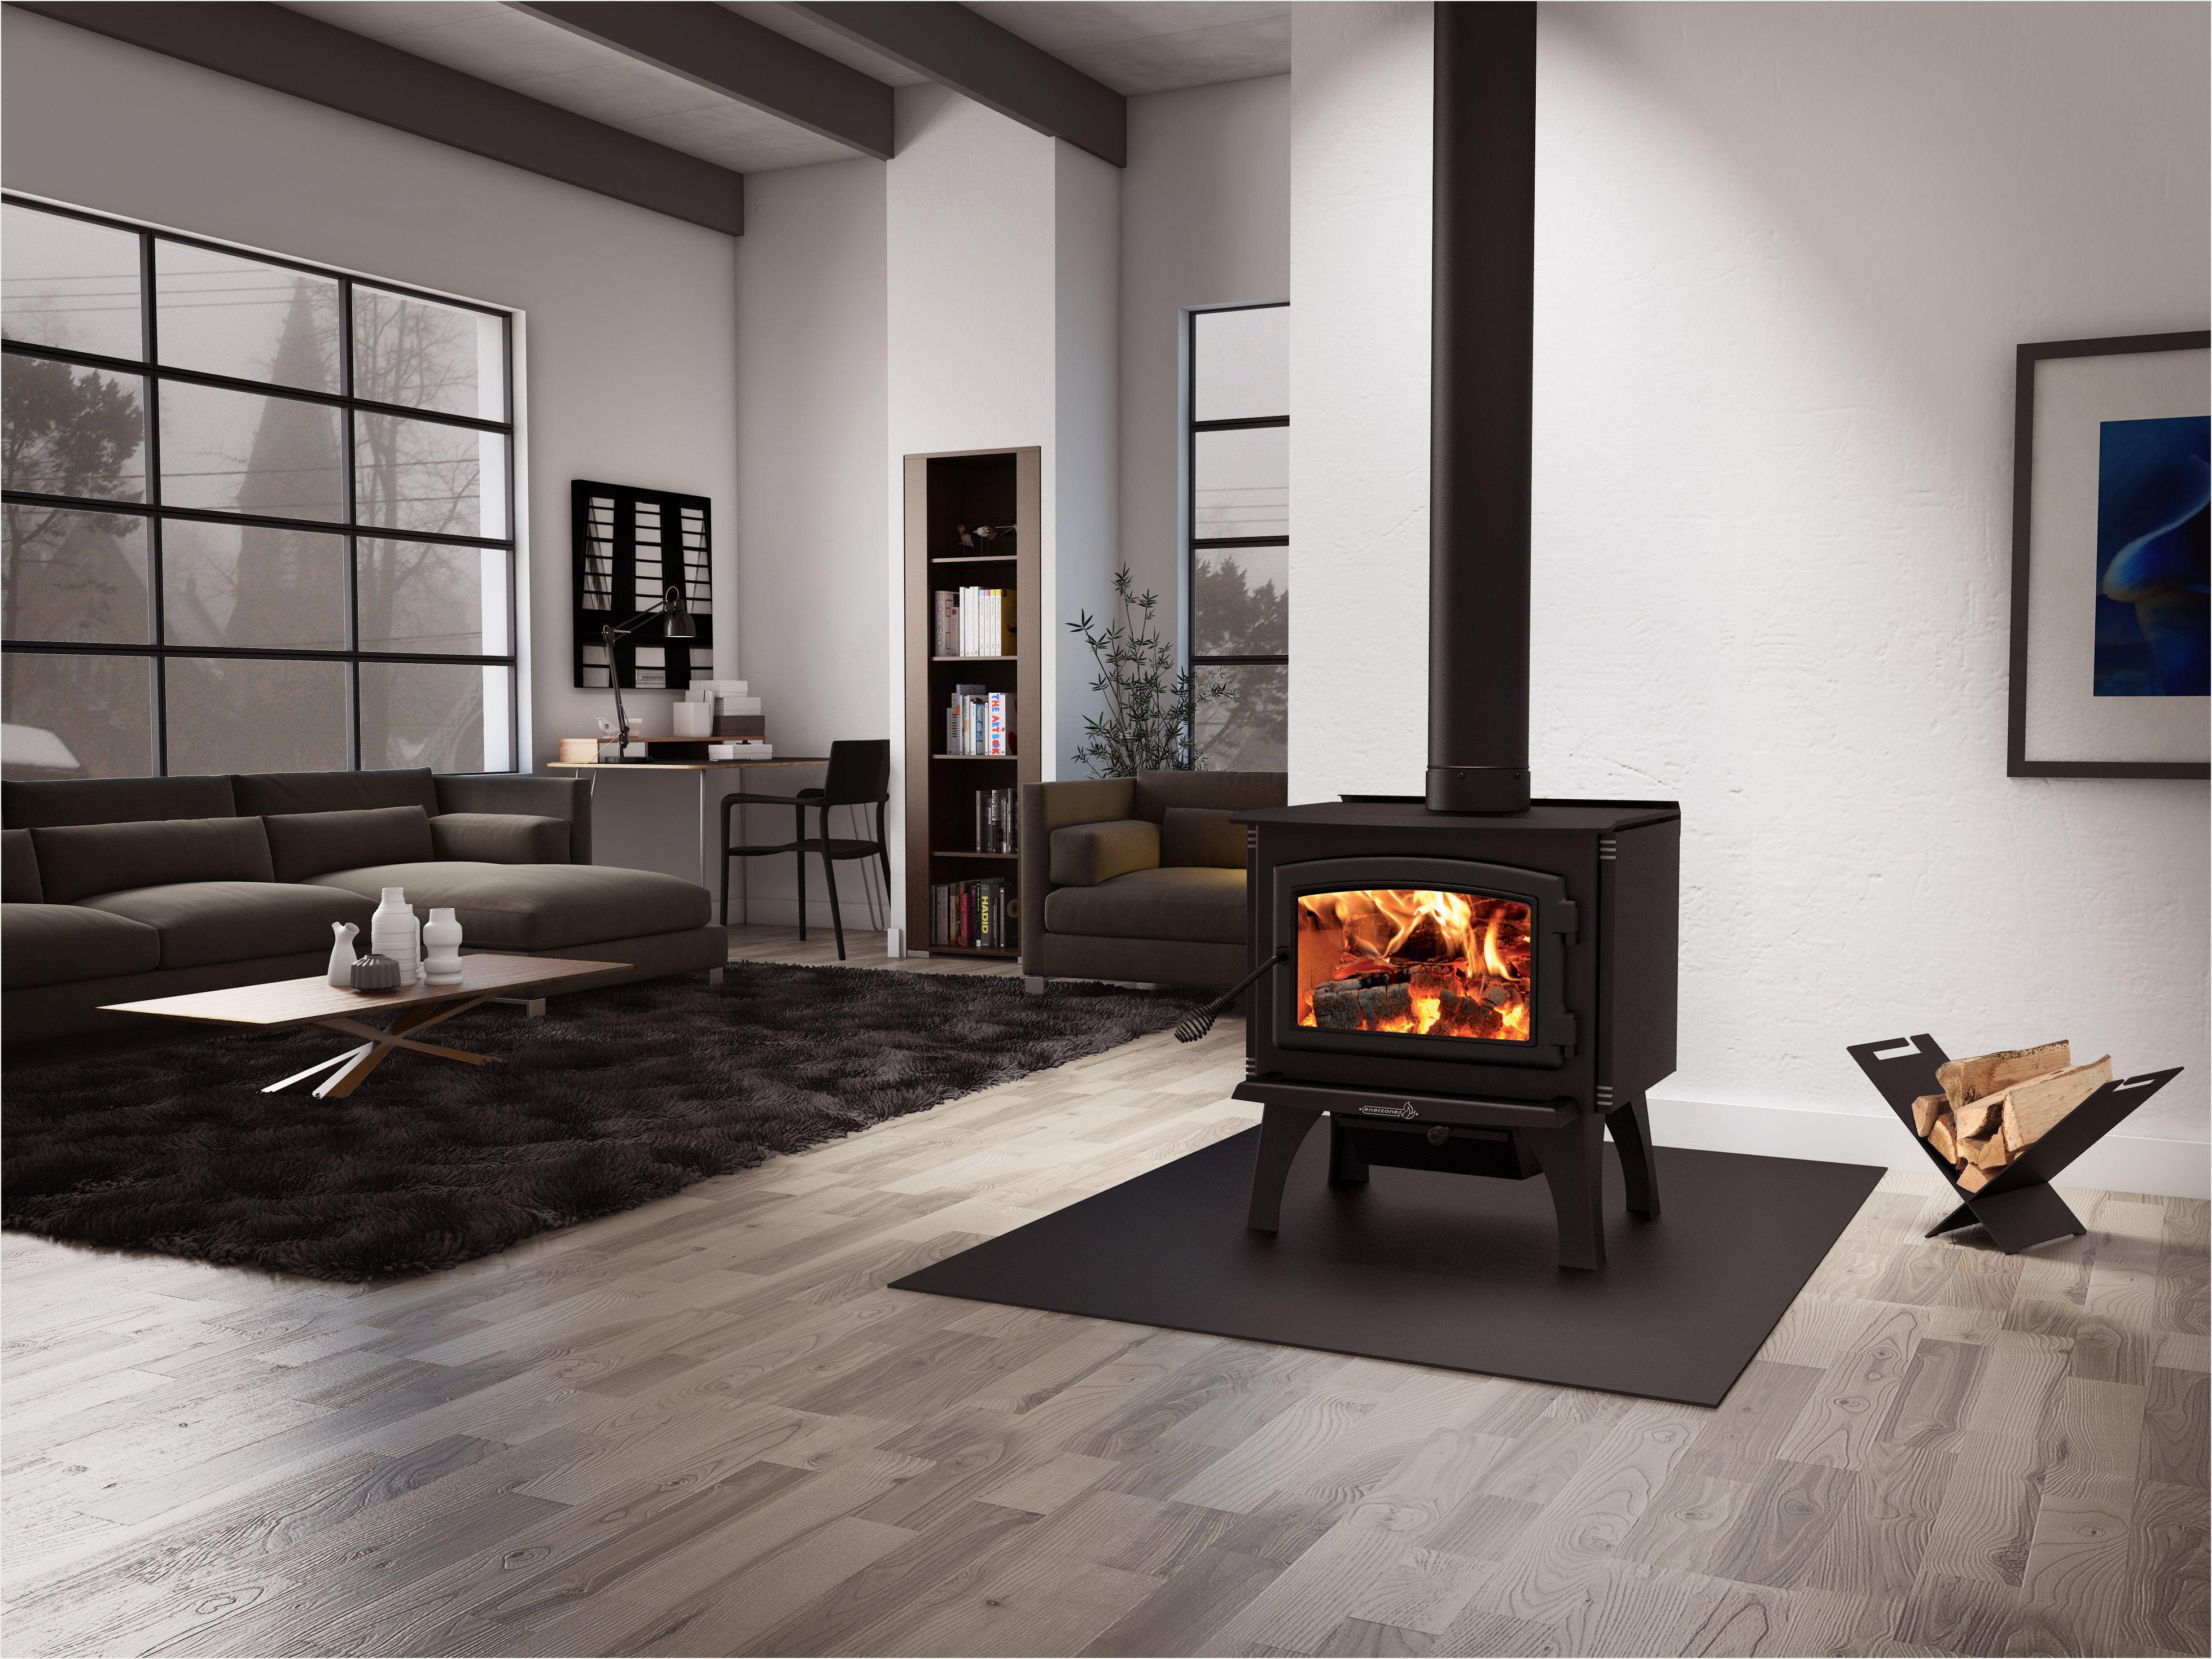 Image result for living room log burner High efficiency